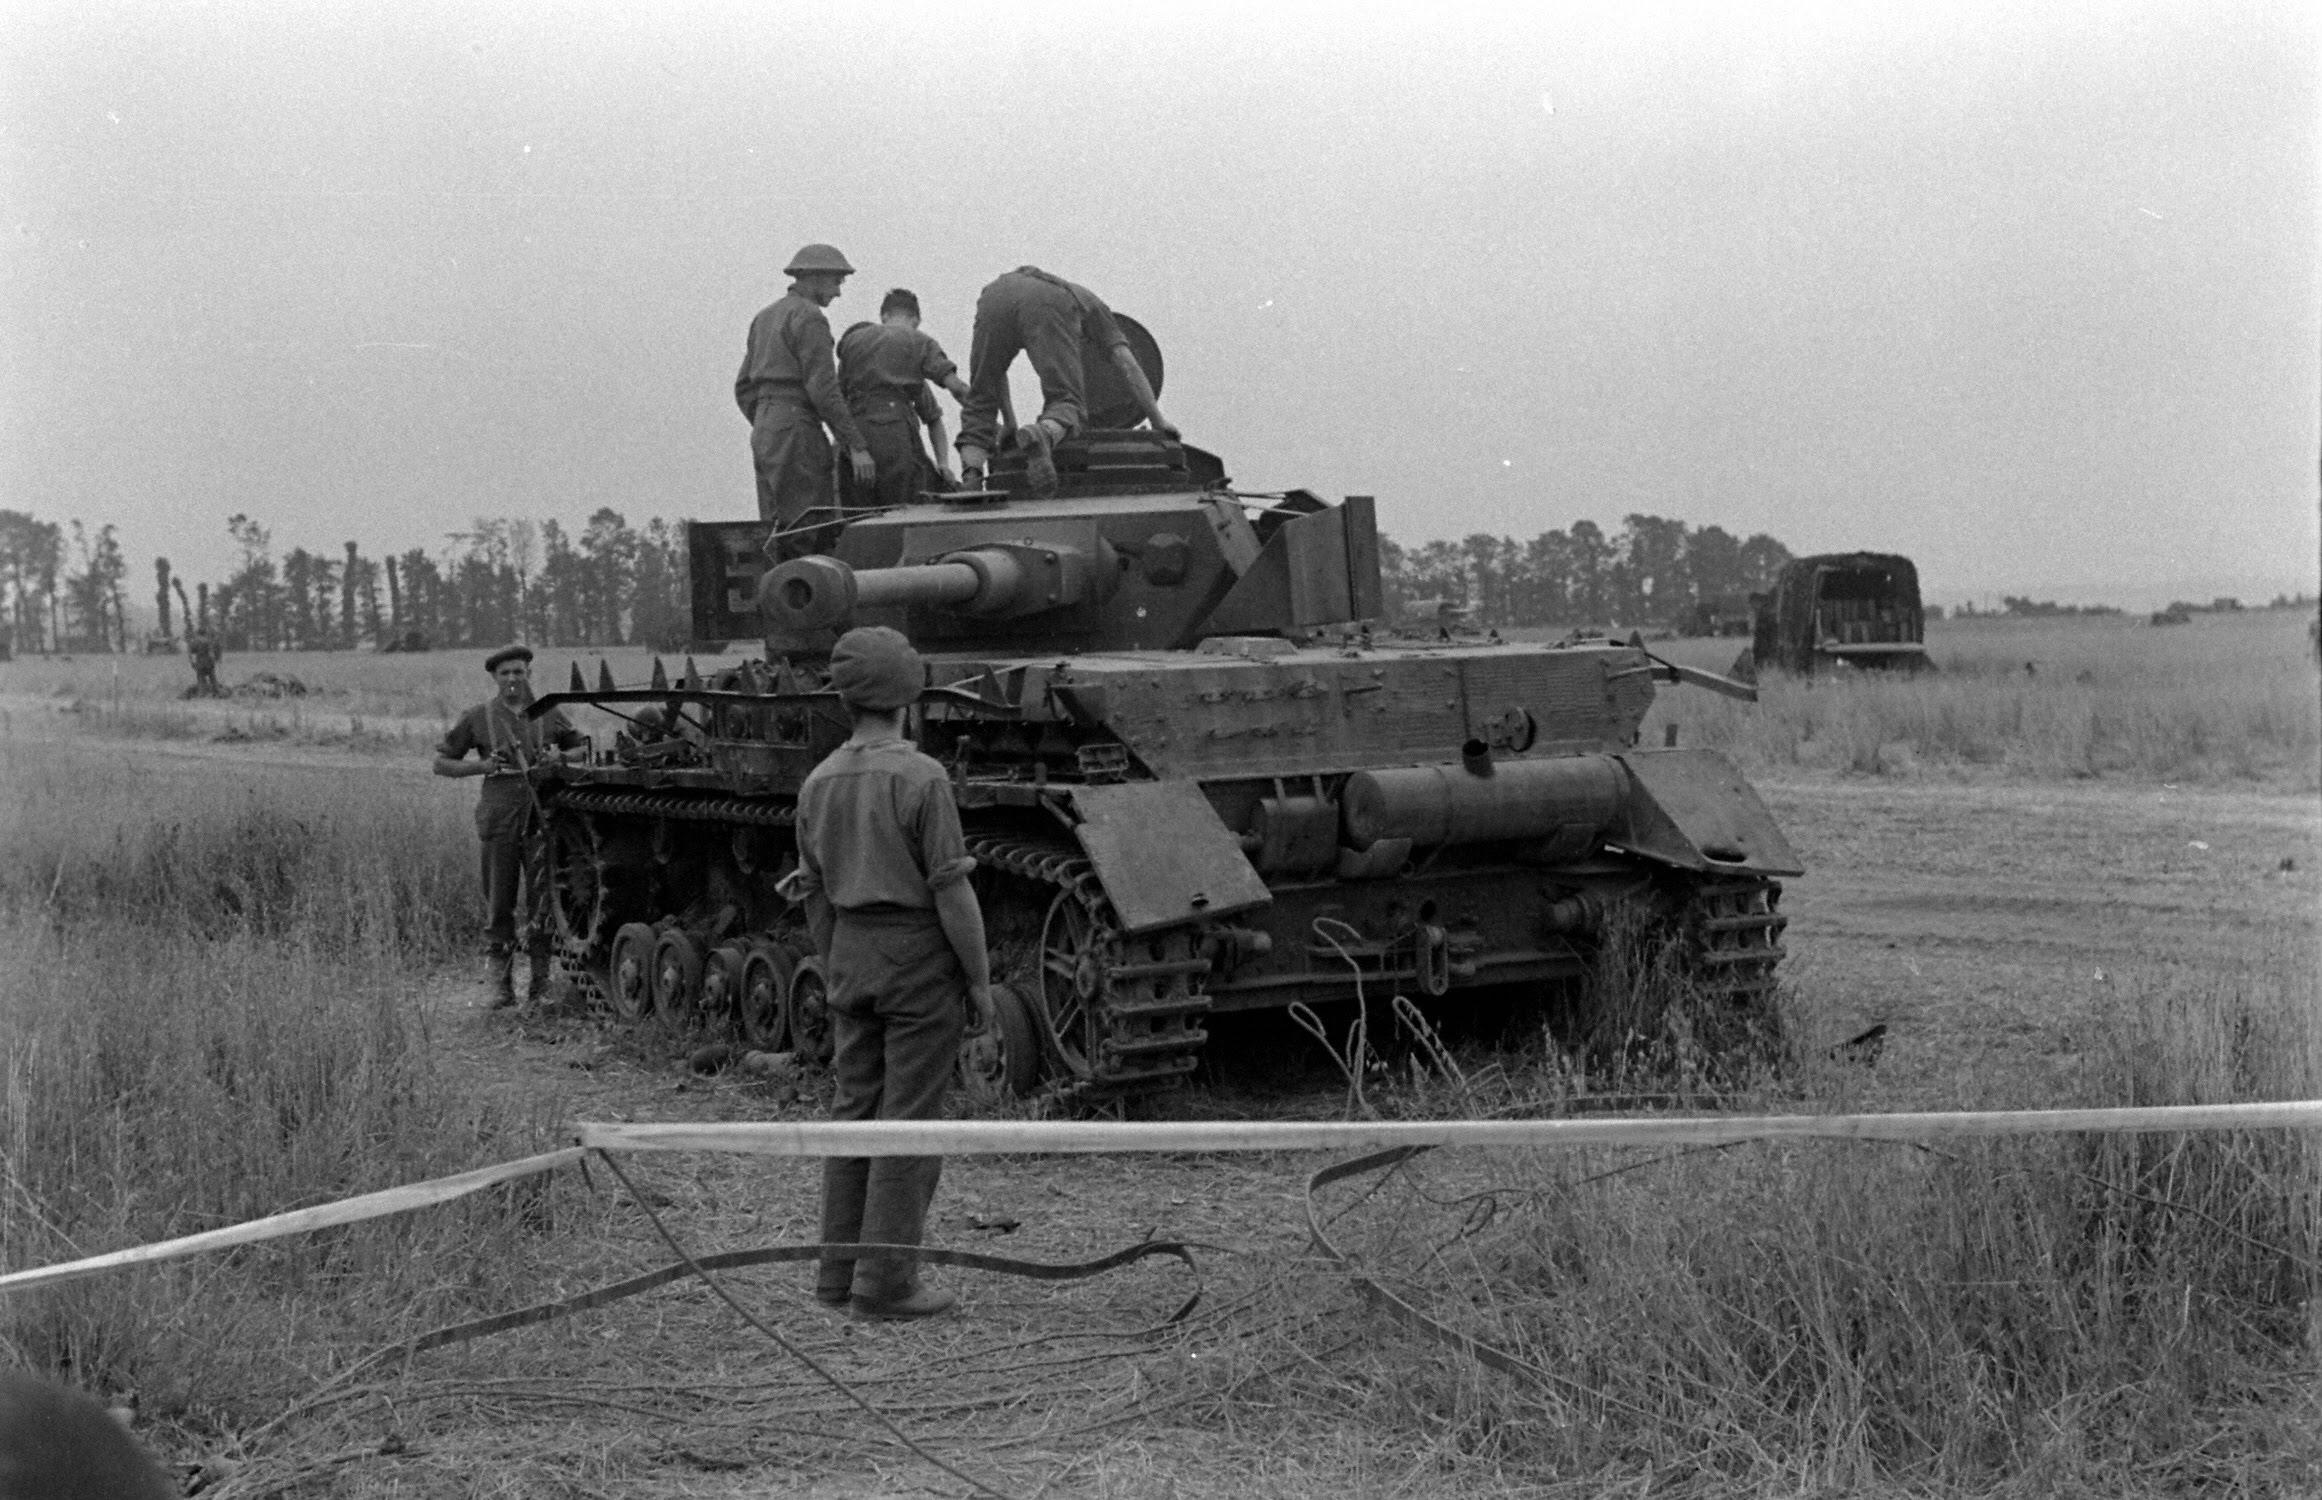 Destroyed/Captured Panzer IV. IWM